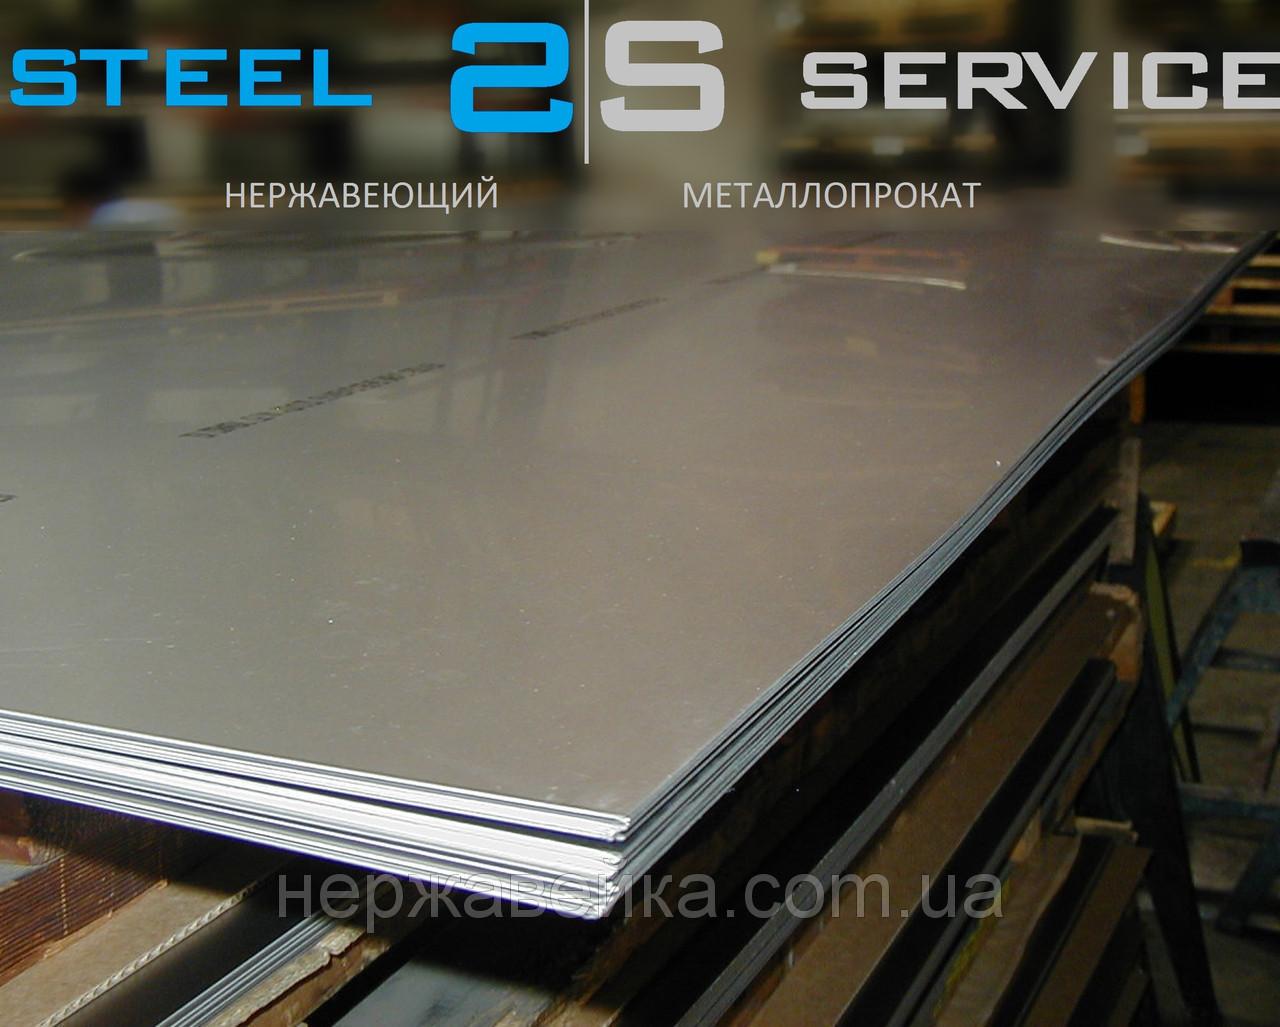 Нержавейка лист 8х1500х3000мм  AISI 310(20Х23Н18) F1 - горячекатанный,  жаропрочный